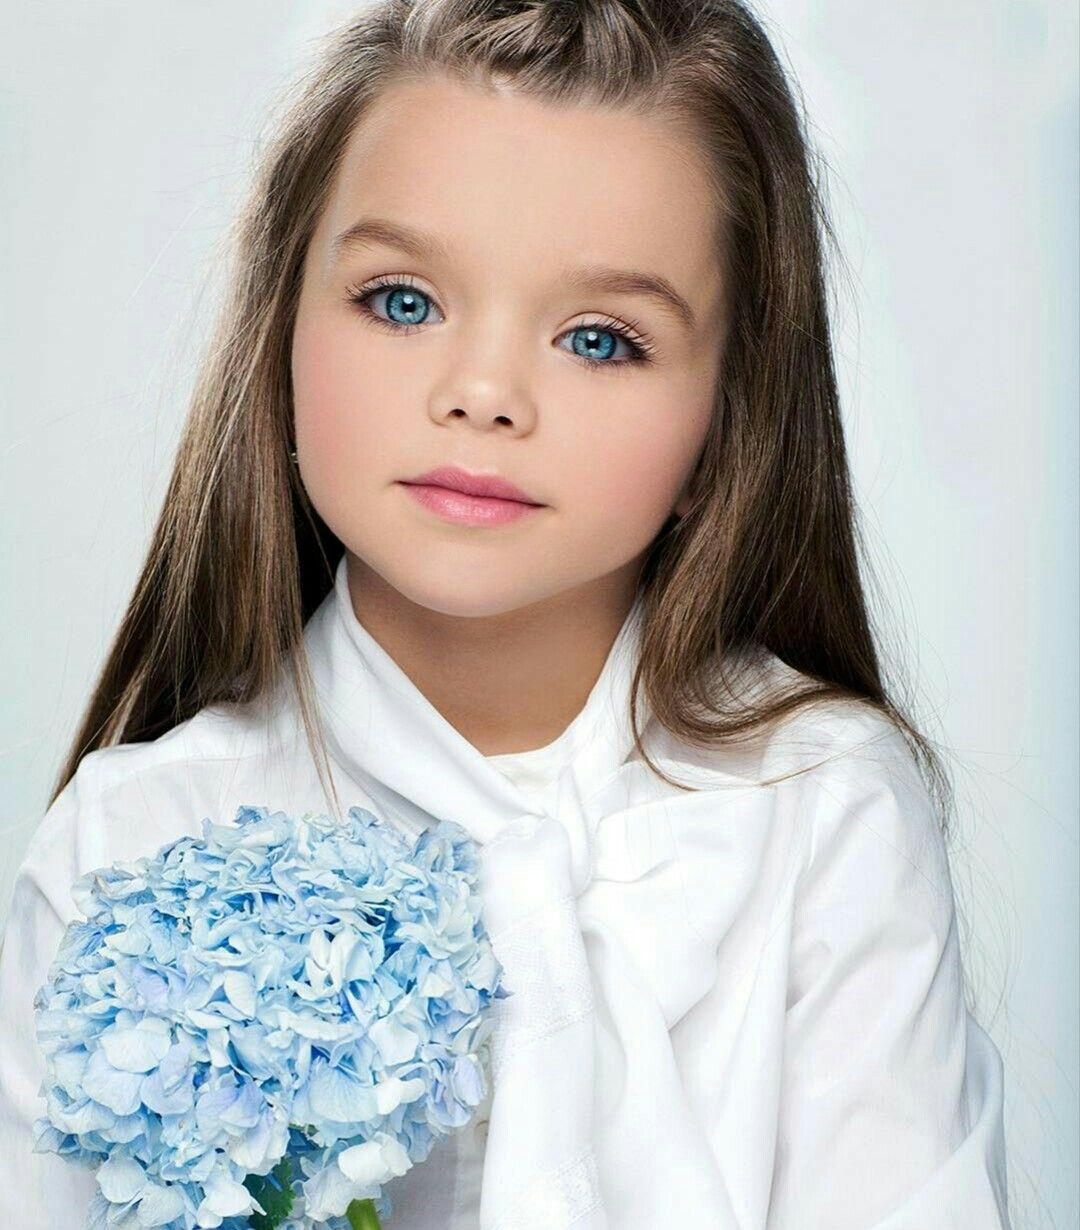 Cô bé người Nga được mệnh danh đẹp nhất thế giới 4 năm trước vẫn gây sốt với nhan sắc hiện tại, nhưng bất ngờ nhất là tiết lộ về chuyện học hành - Ảnh 2.